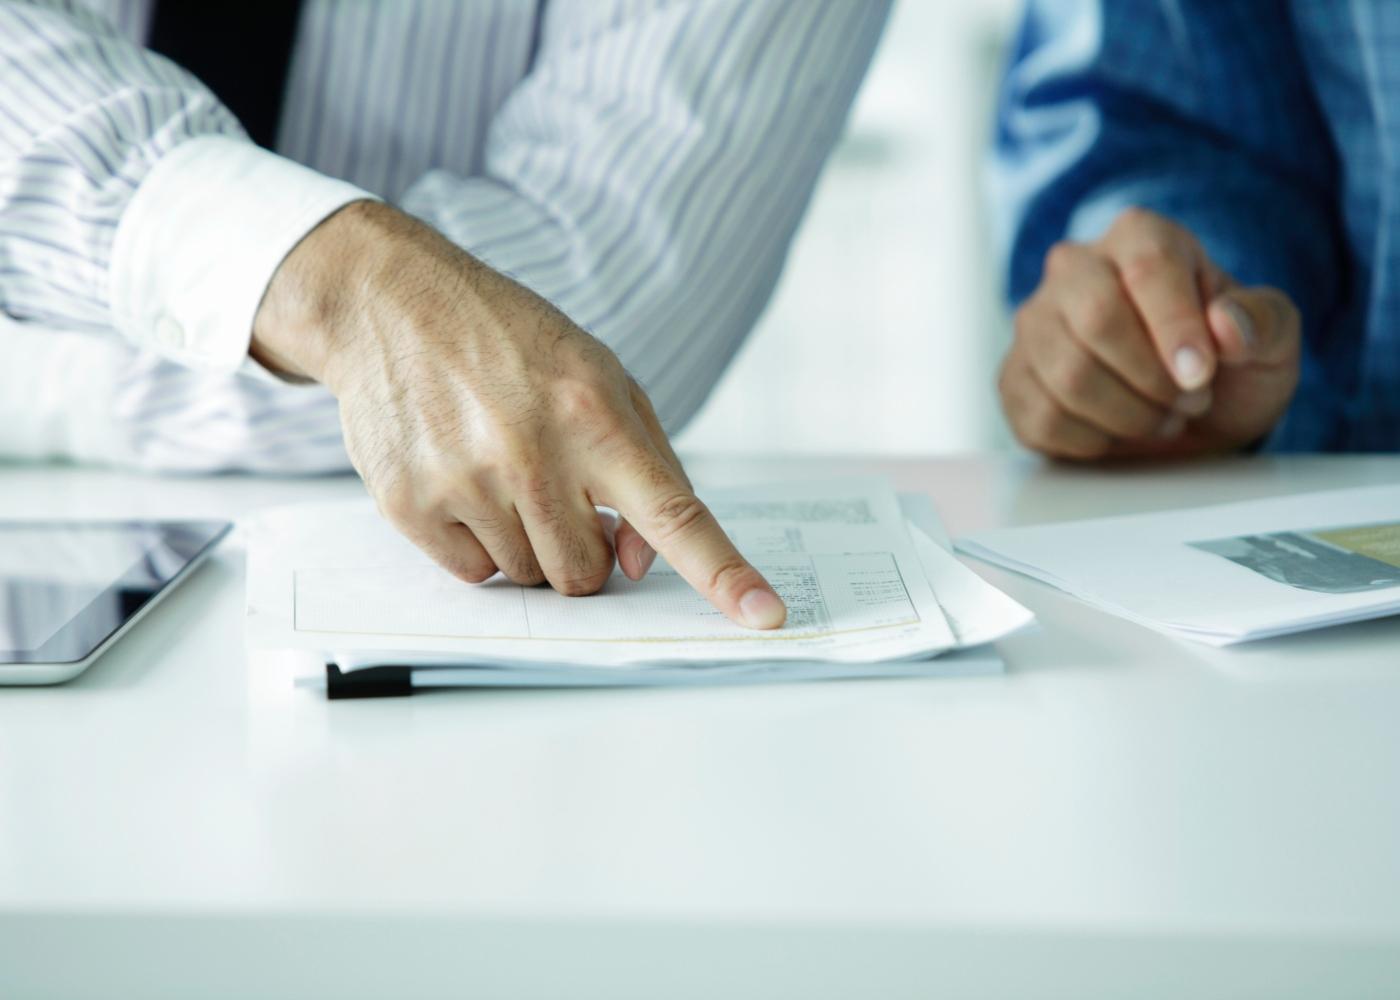 equipa a analisar documentos do fundo de garantia salarial